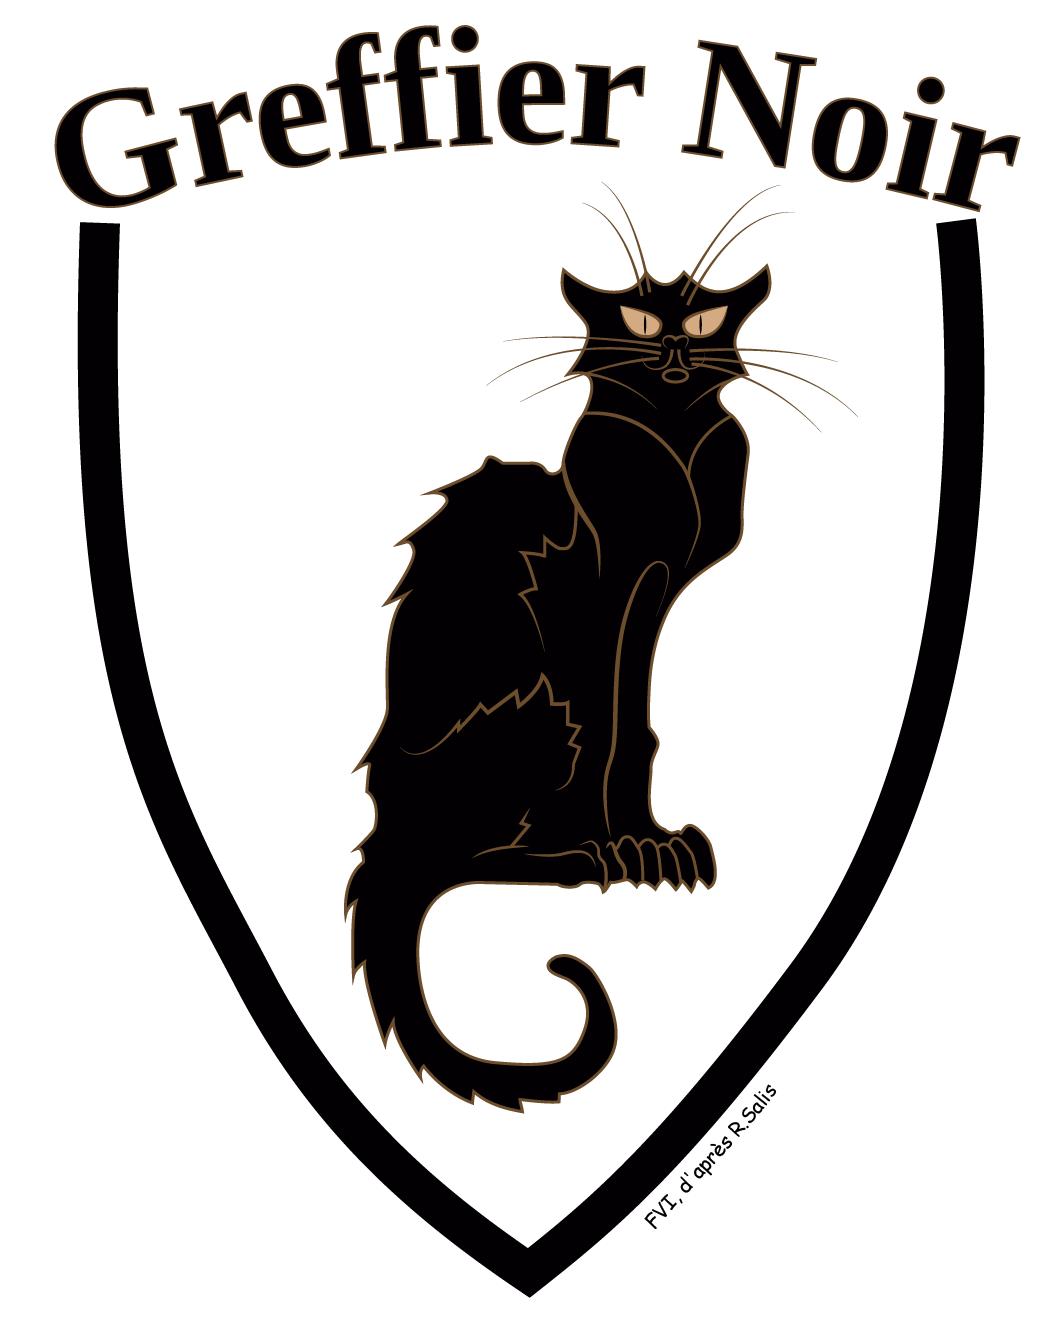 Le blason du site Le Greffier Noir, réalisé par FVI d'après Le Chat Noir de Salis. Le Greffier Noir a été fondé le 20 mars 2015